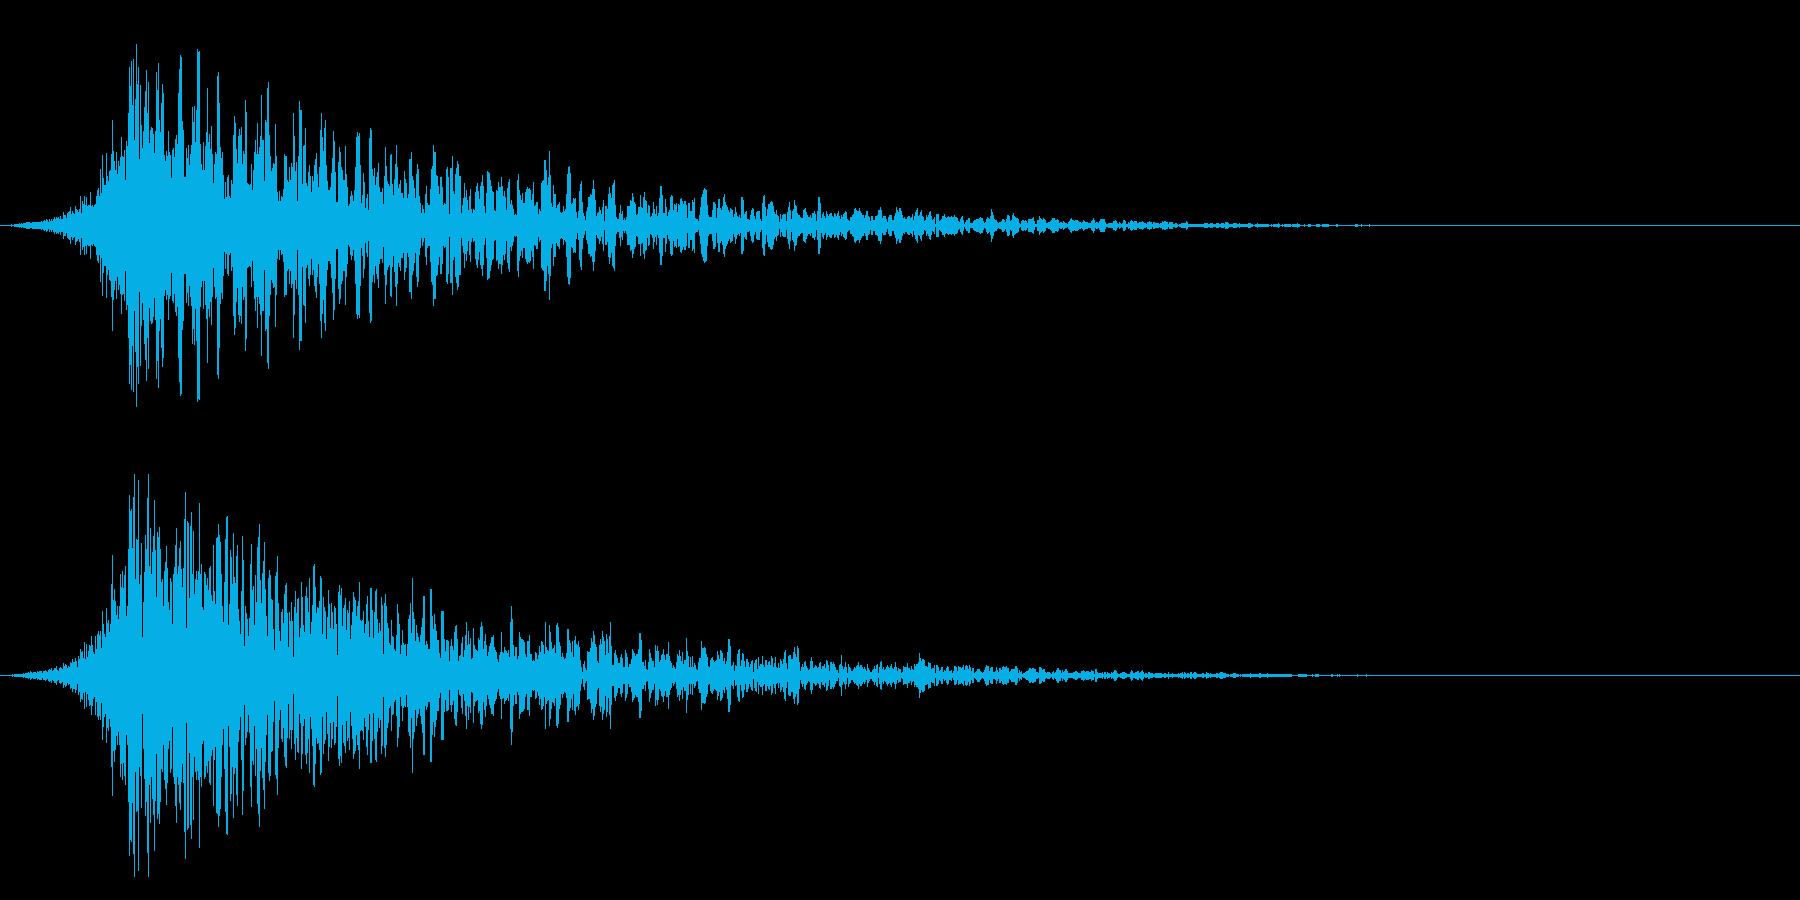 シュードーン-23-1(インパクト音)の再生済みの波形